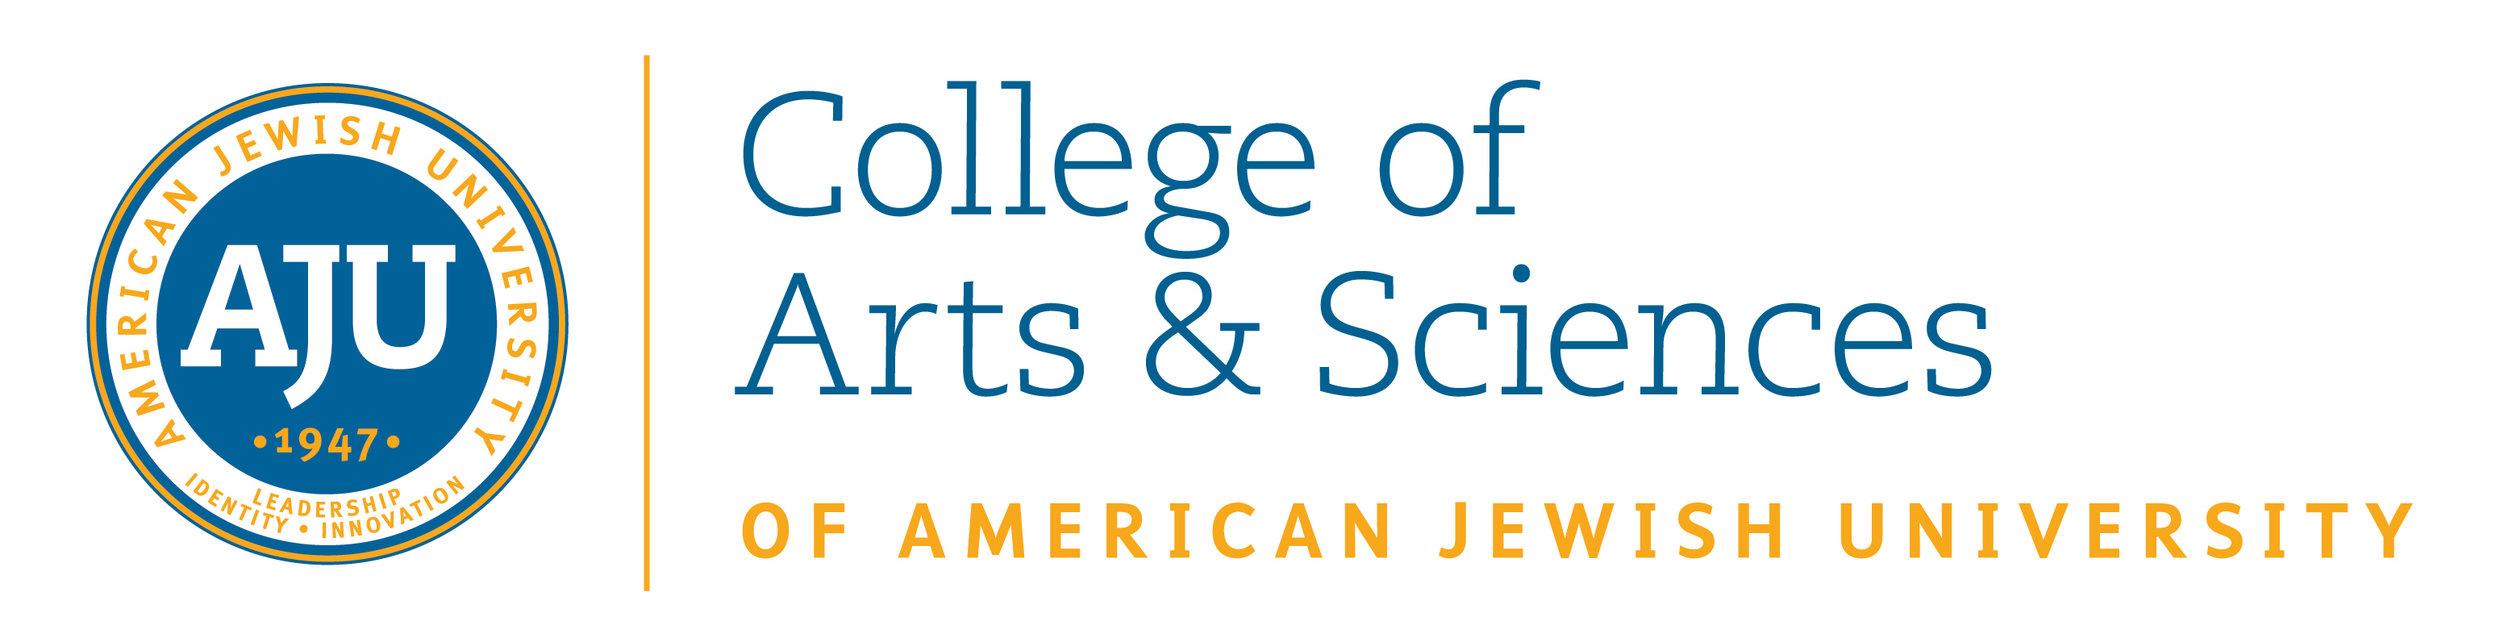 AJU_CollegeArtsSciences.jpg